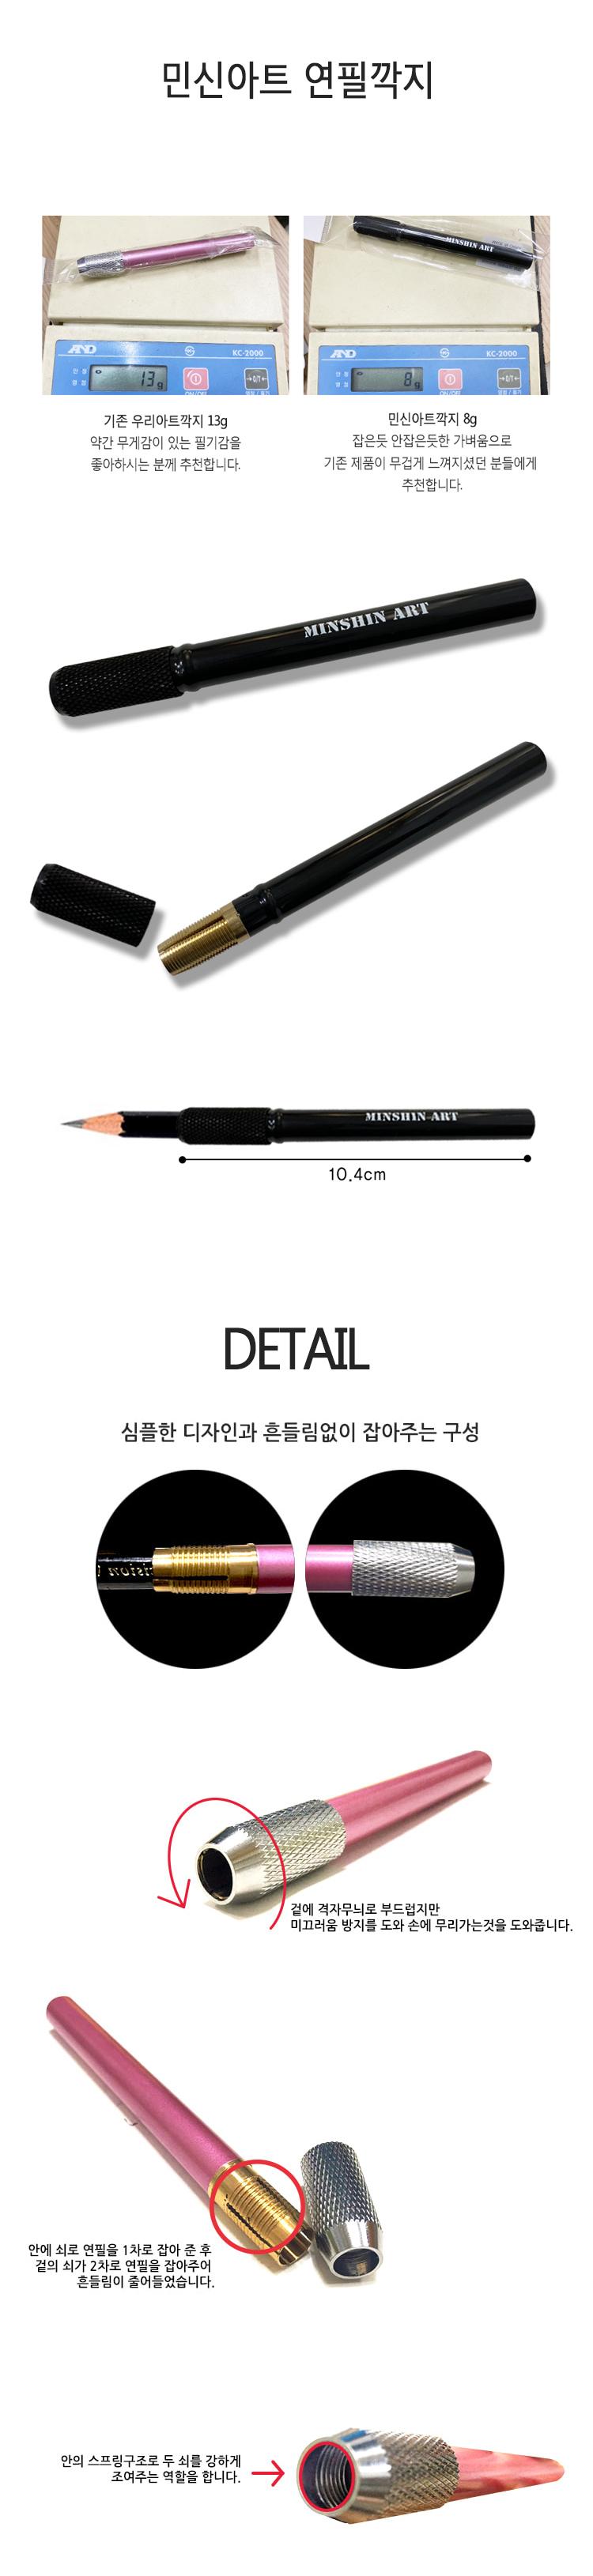 민신아트 연필깍지 블랙컬러 /소묘 연필홀더 - 우리아트, 1,880원, 연필, 베이직연필